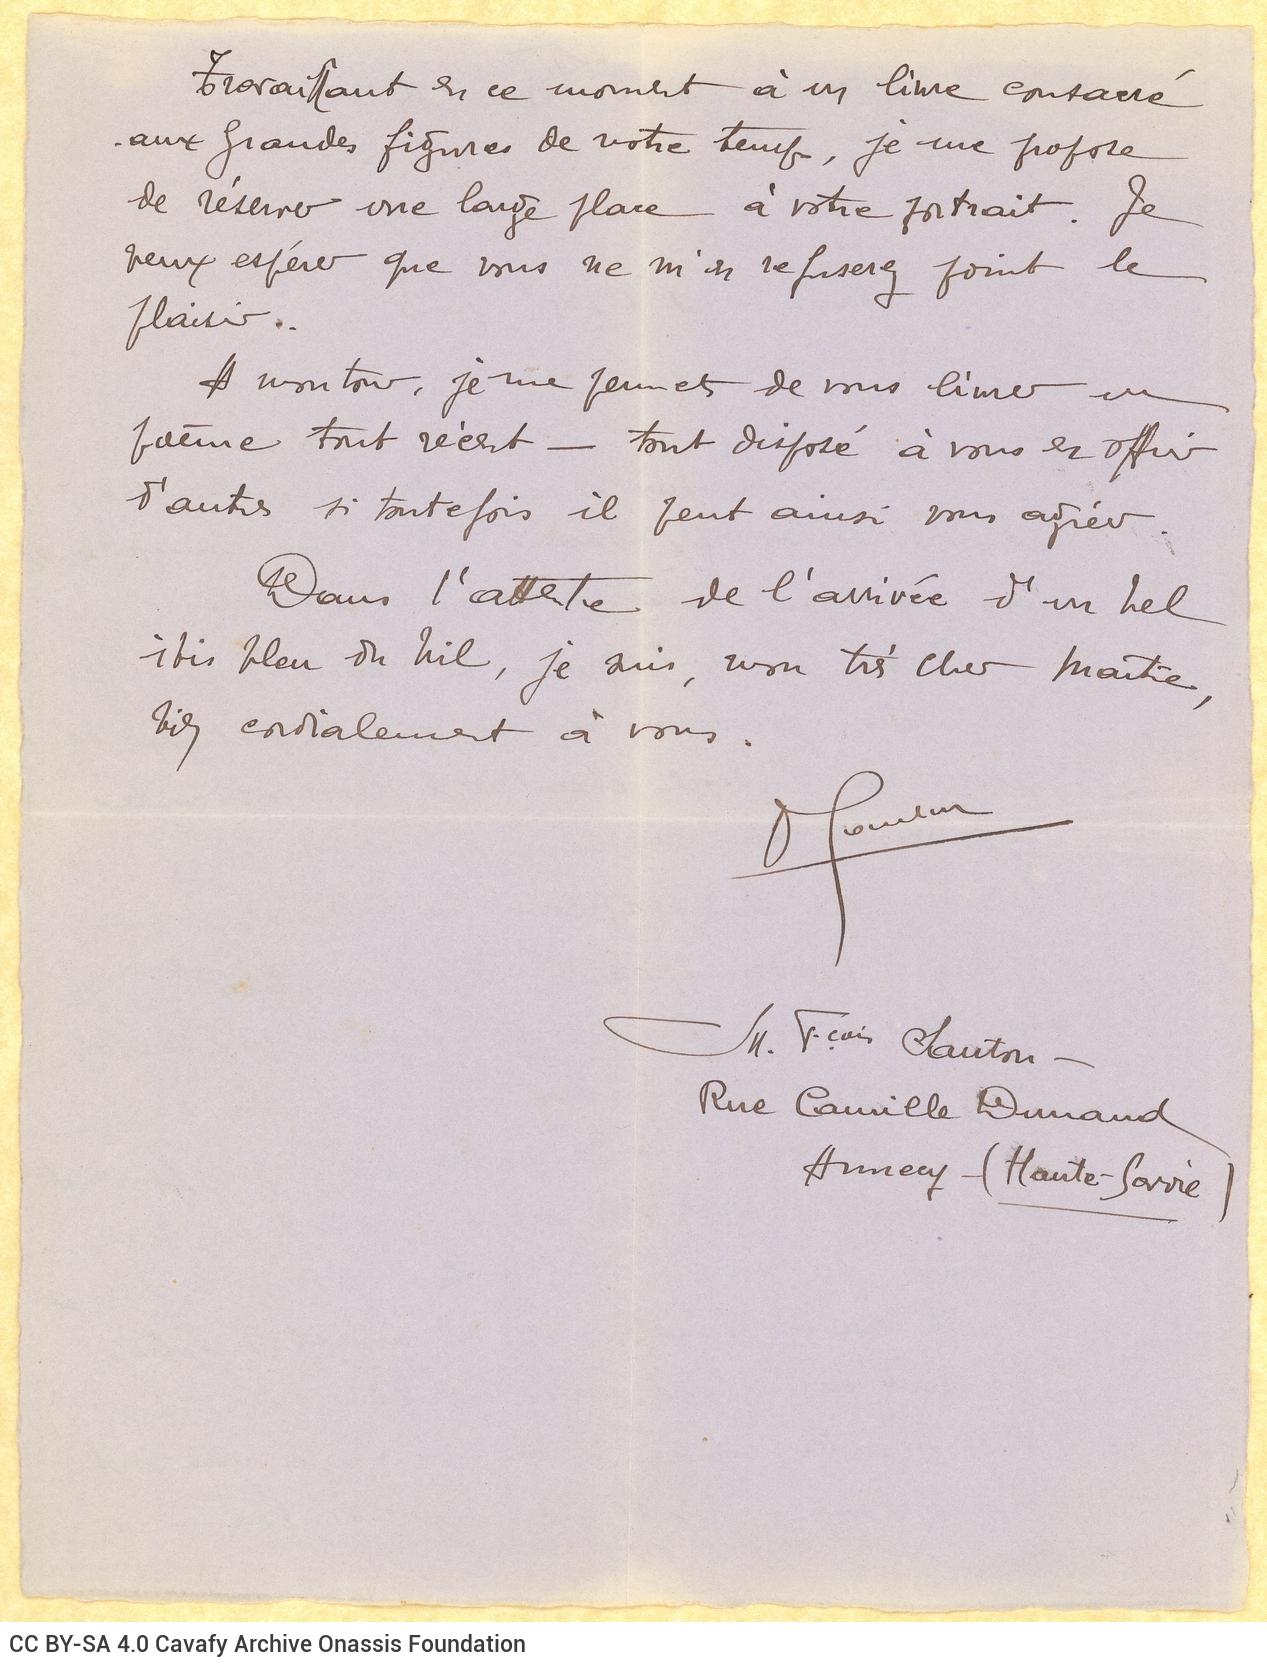 Χειρόγραφη επιστολή του Φρανσουά Σωτόν (François Sauton) στις δύο όψεις φύλ